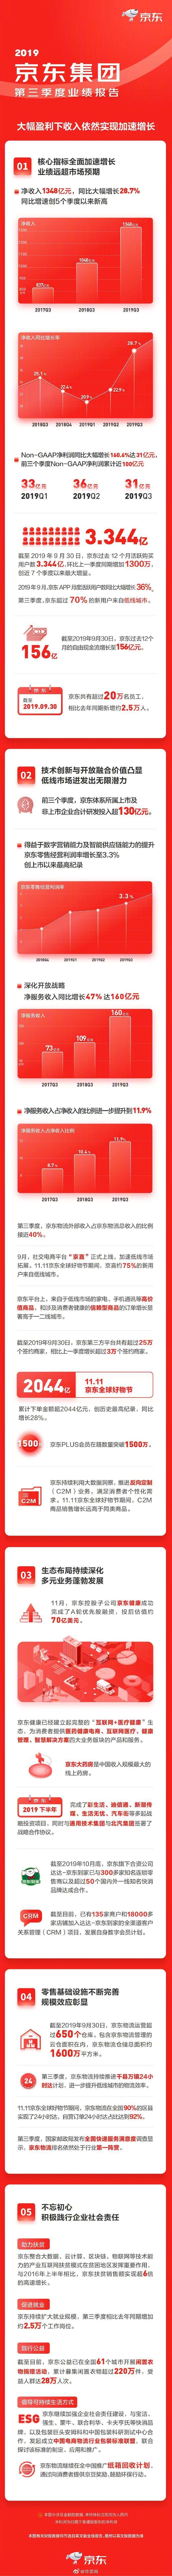 15日晚间,京东集团发布了第三季度财报,公司当季净收入为1348亿元